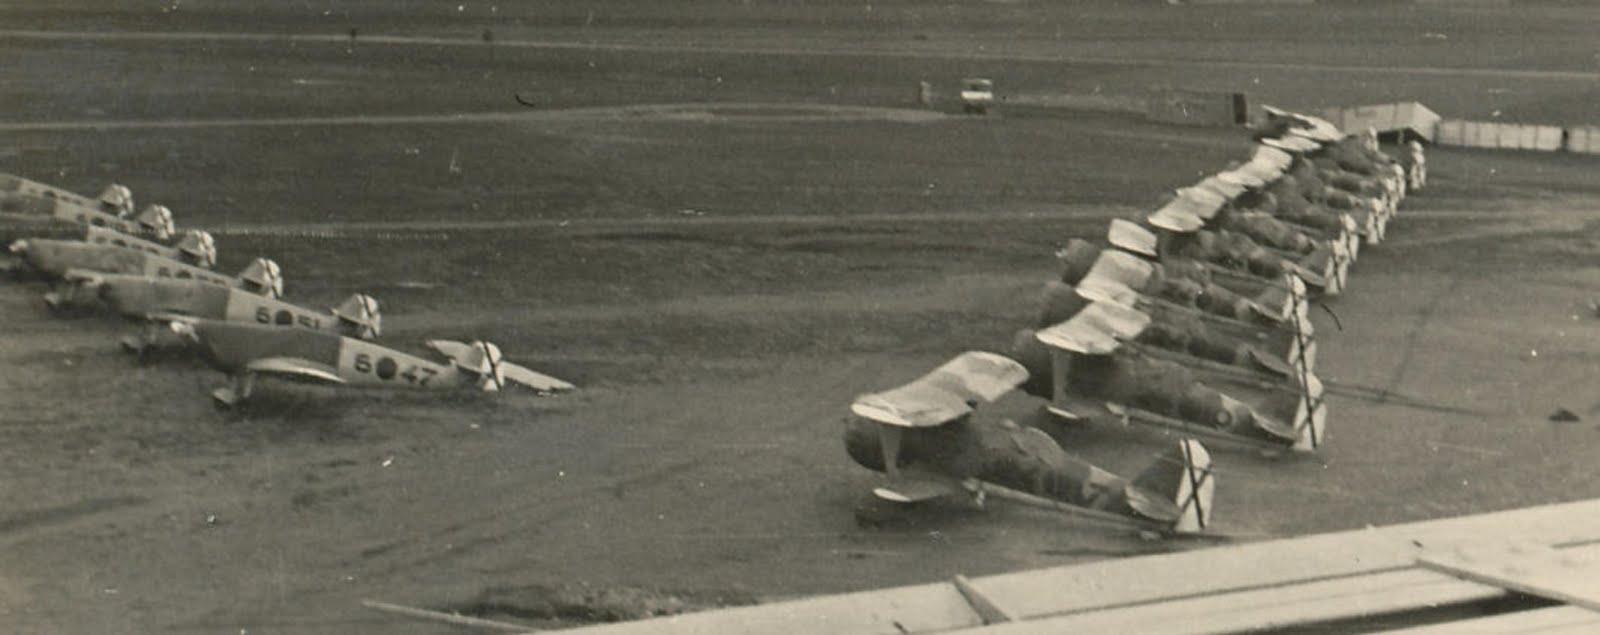 la légion condor et aviation italienne ANGELITOS+Y+ANTONES